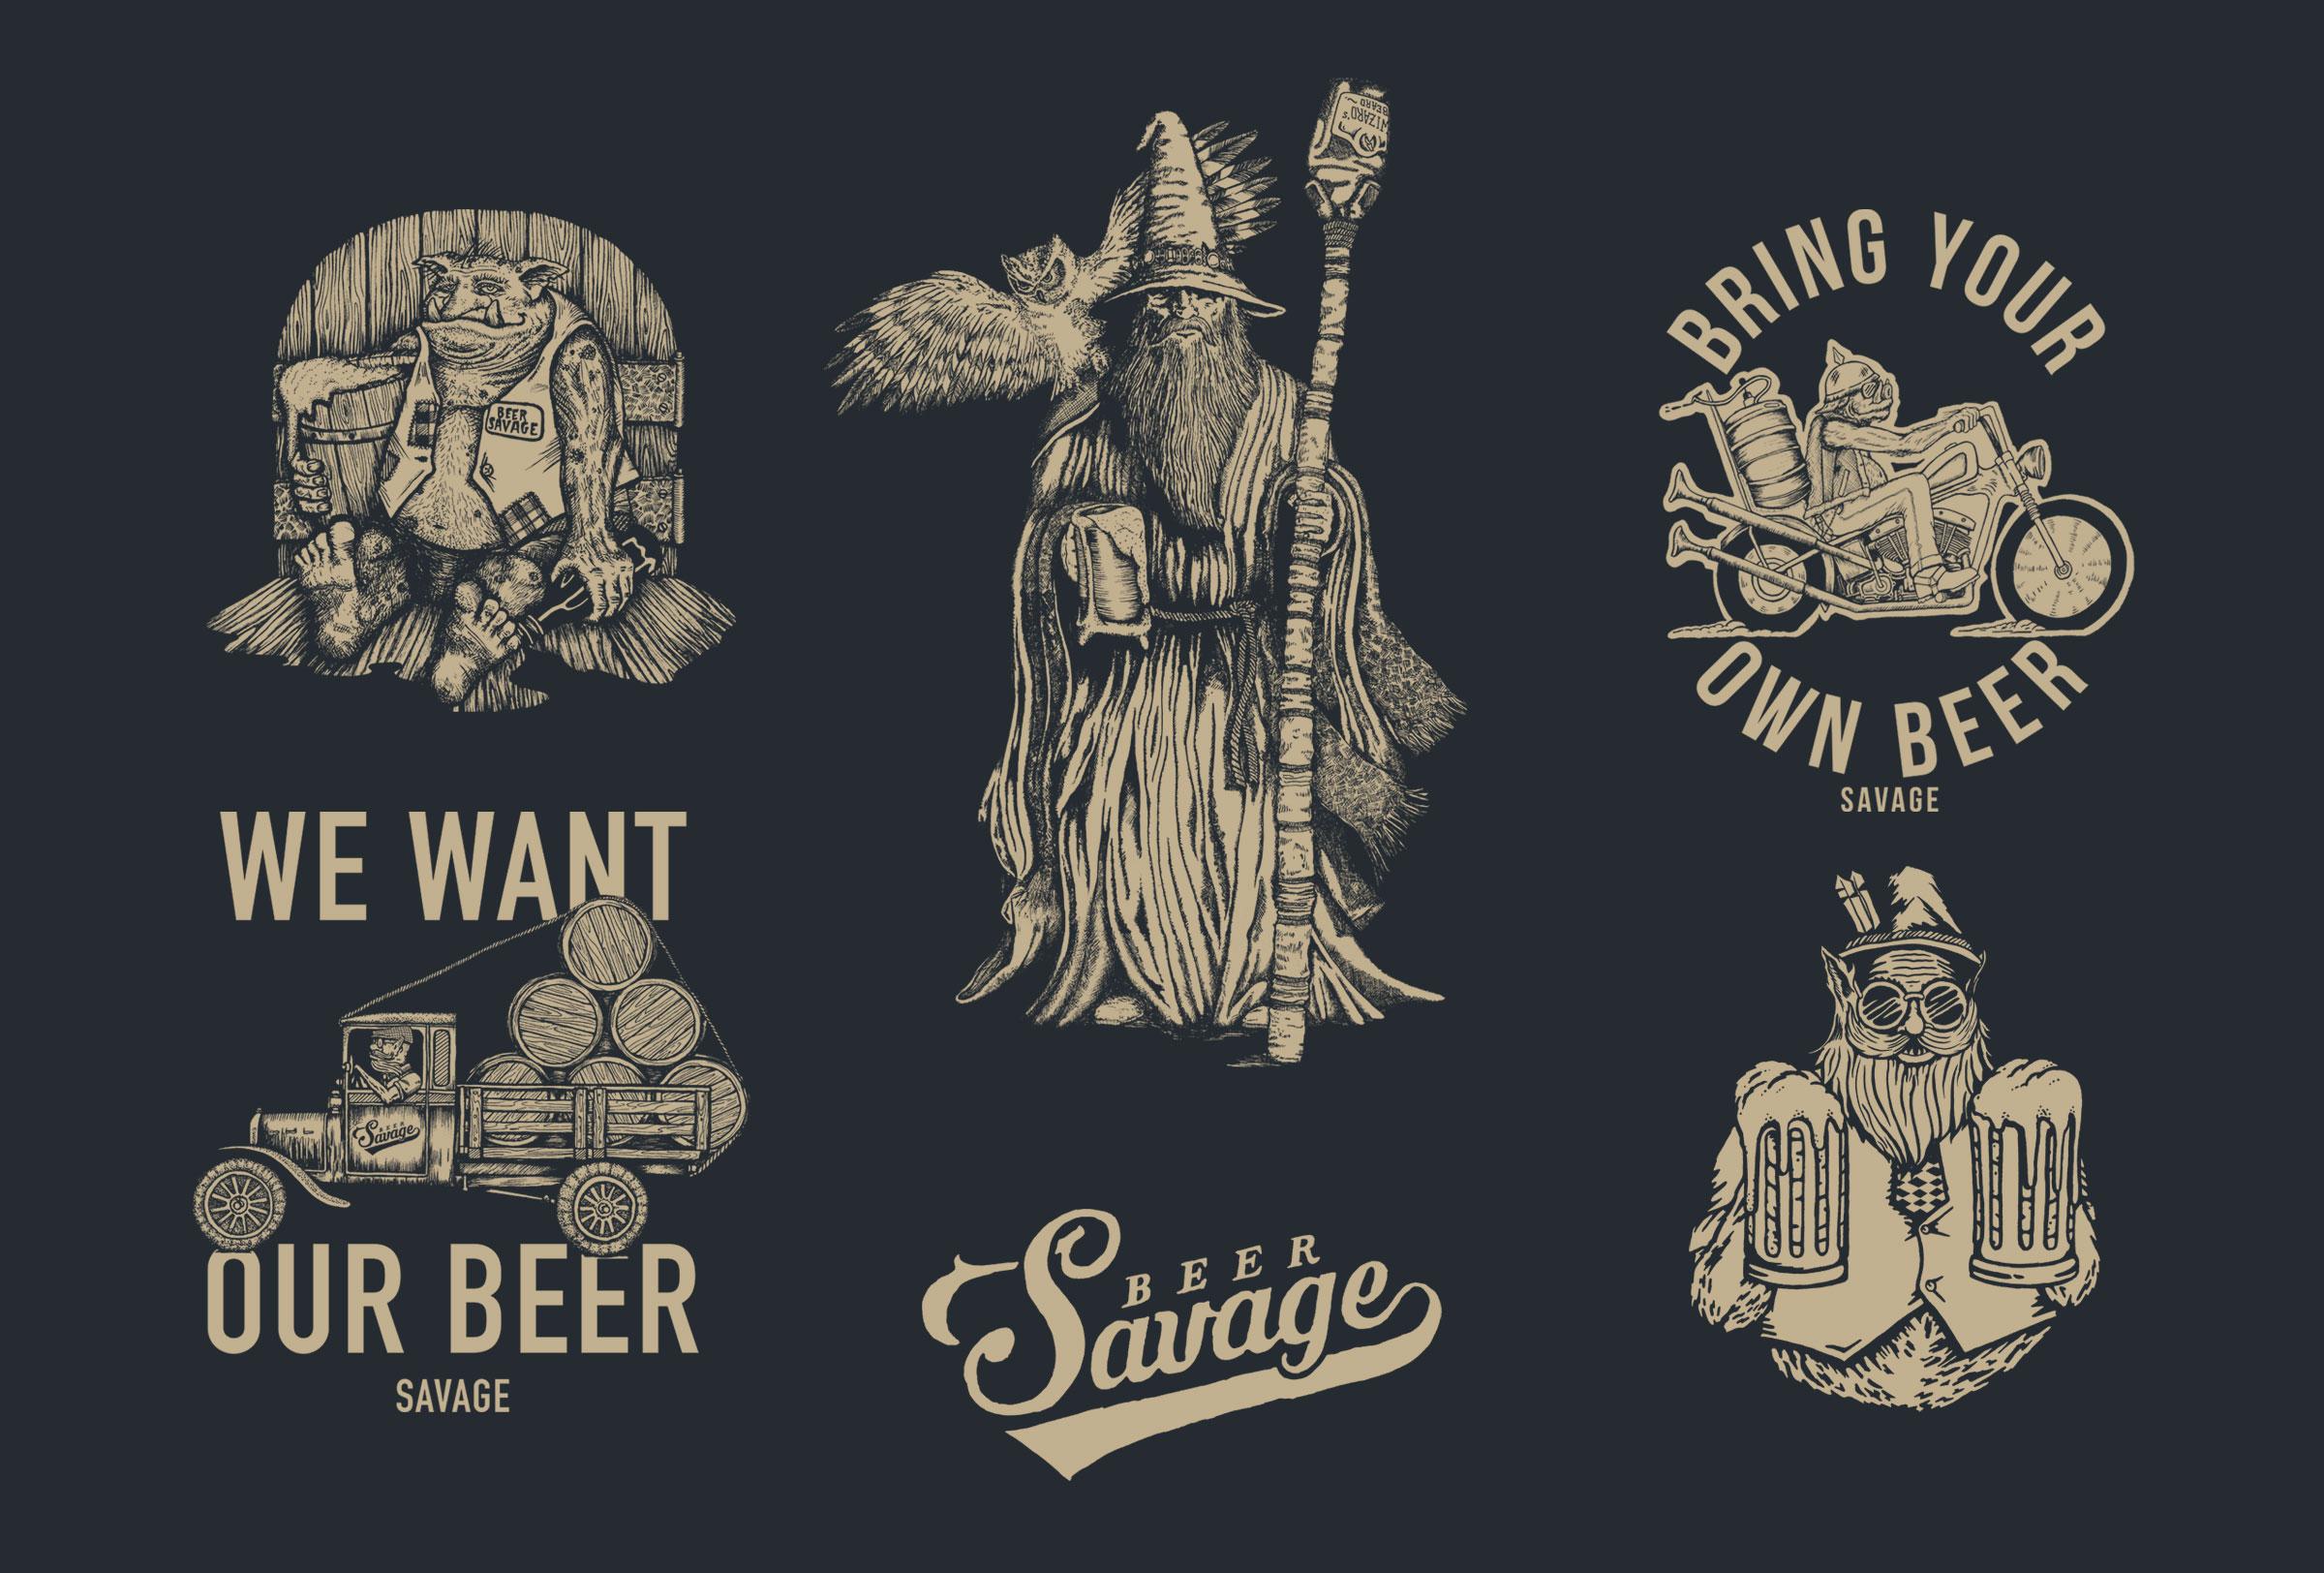 beersavage